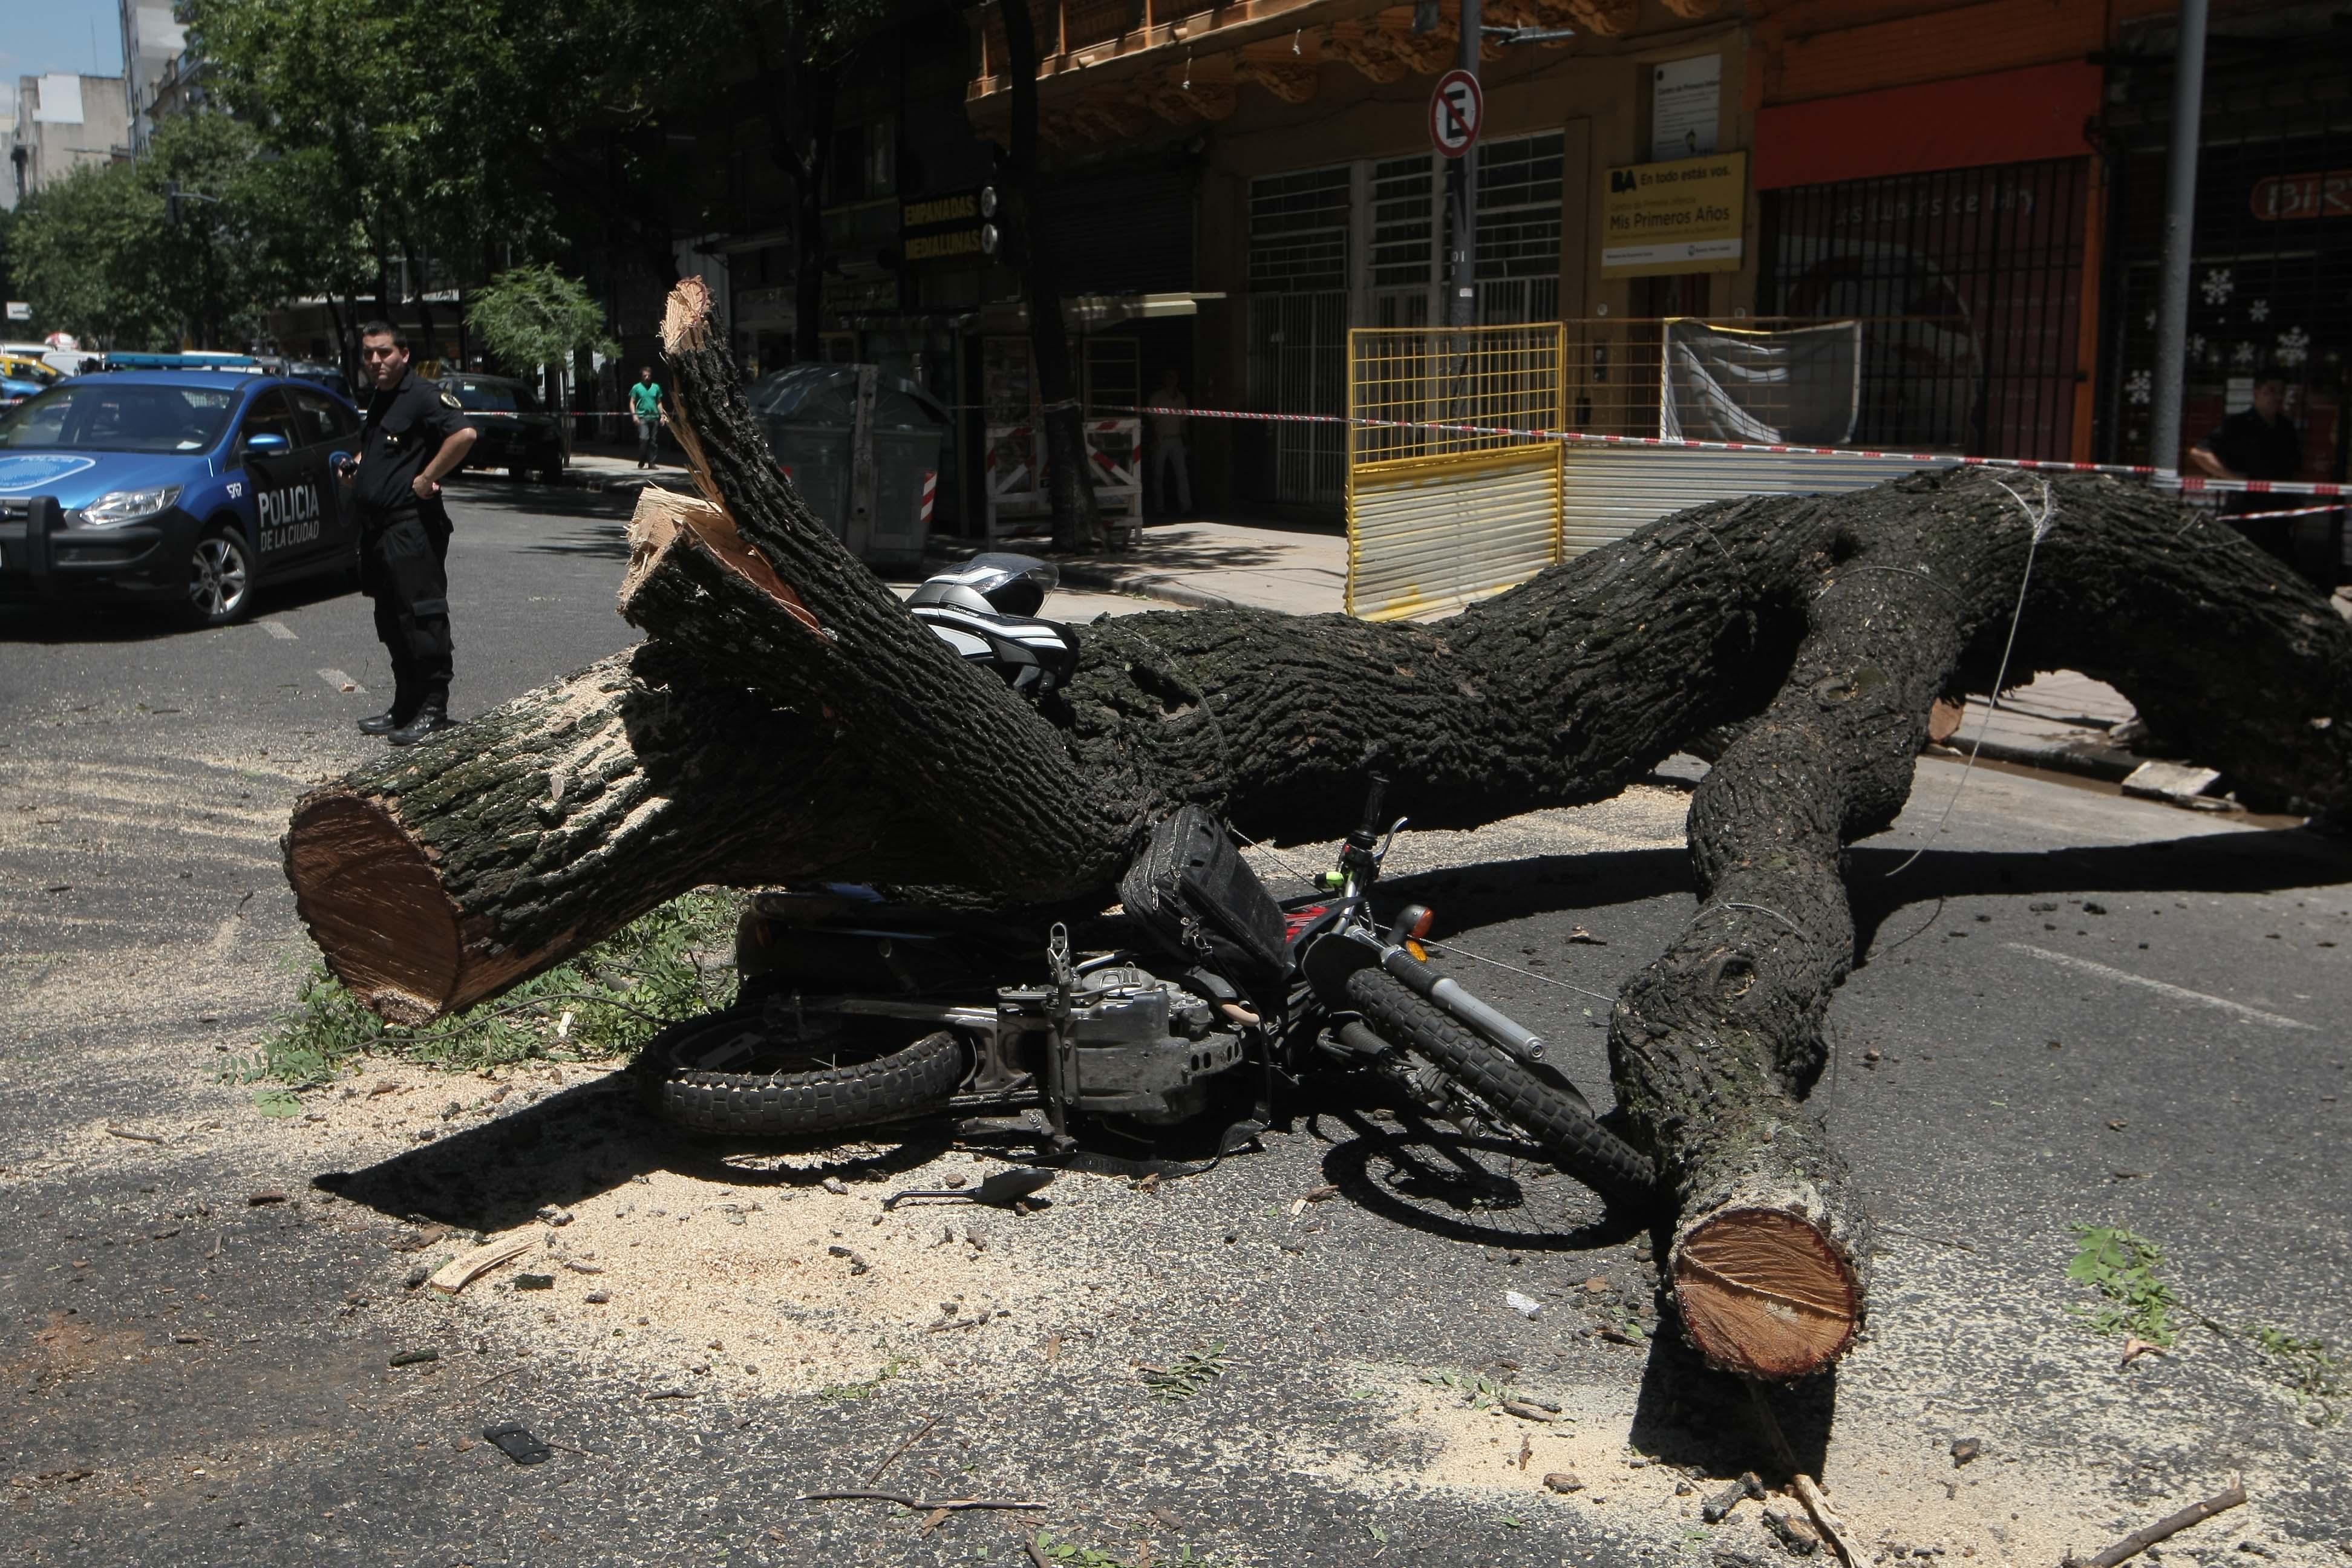 DYN17, BUENOS AIRES 30/01/17, ARBOL CAYO EN LA AVENIDA ENTRE RIOS AL 900, MATO A MOTOCICLISTA.FOTO.DYN/PABLO MOLINA